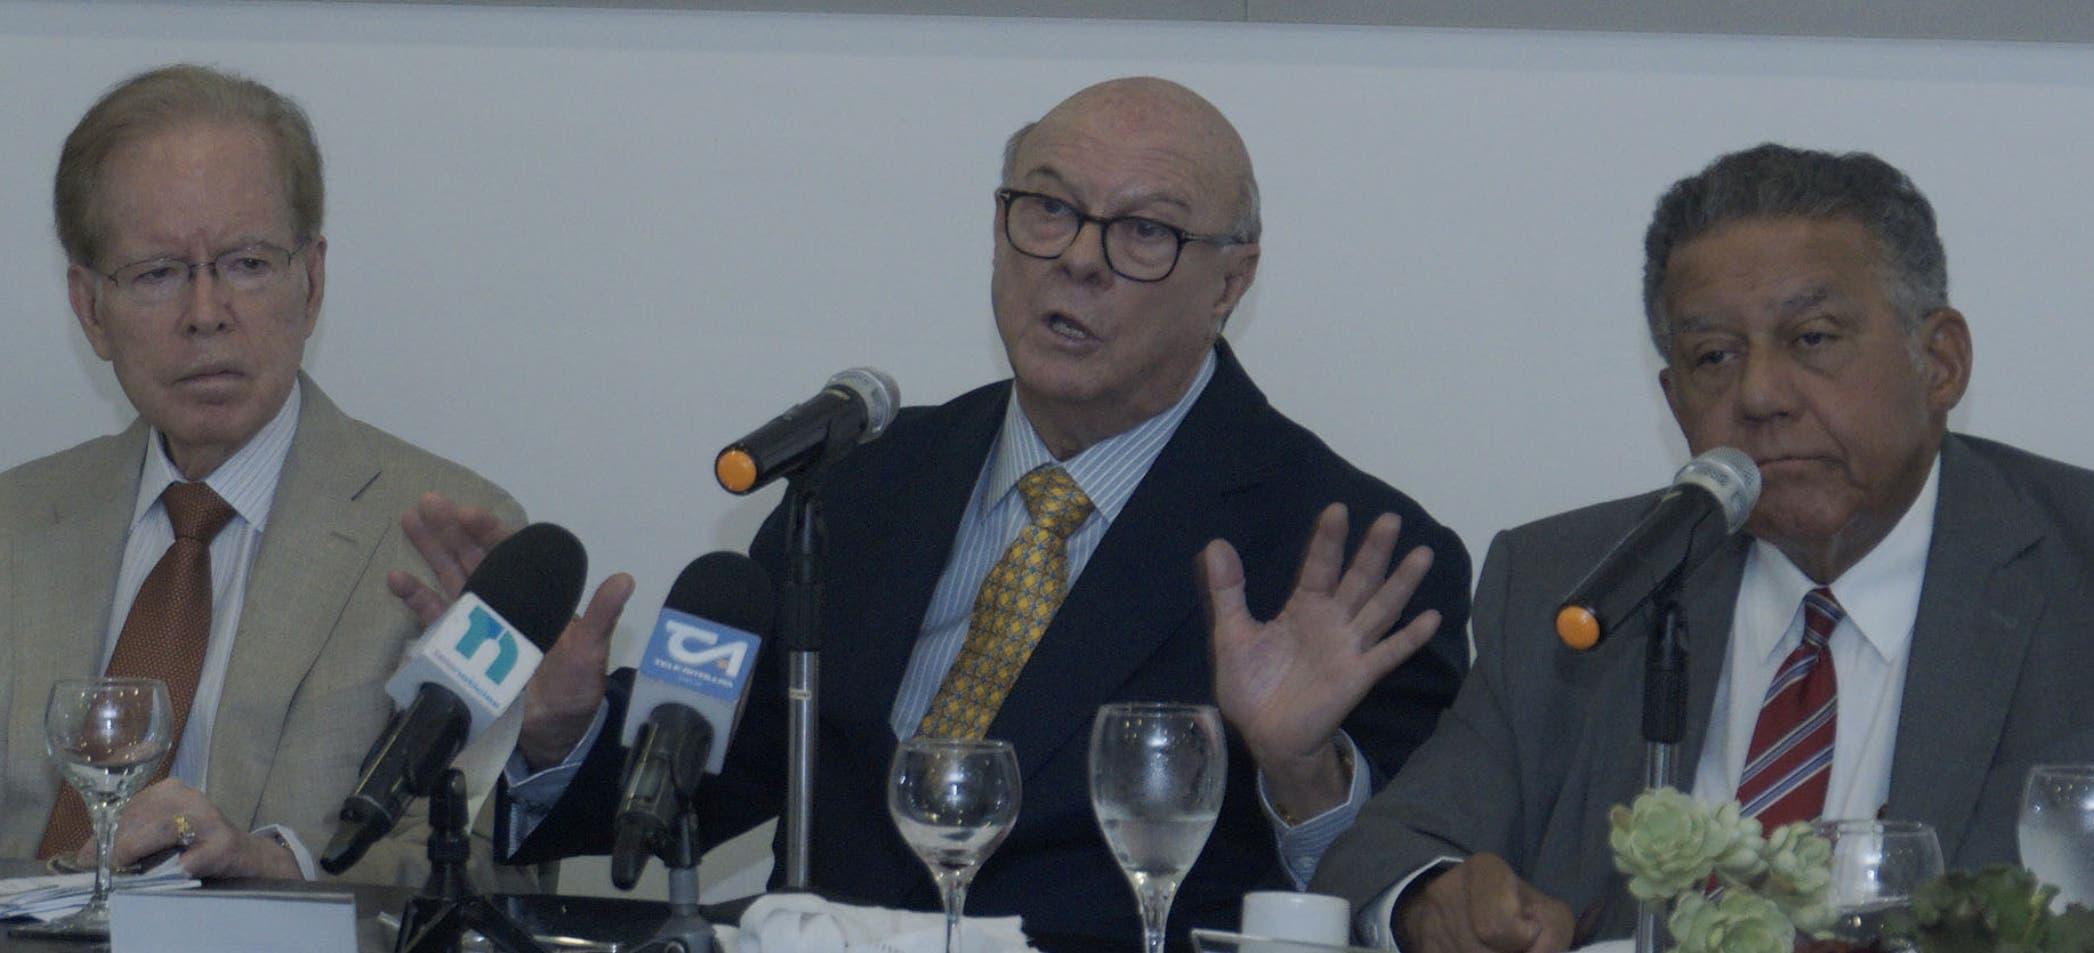 Invitado al almuerzo del Hipólito Mejía   da detalles de lo que  será su programa de gobierno en caso de ganar las elecciones. Escuchan  José Luis Corripio Estrada y Juan  Bolívar Díaz.